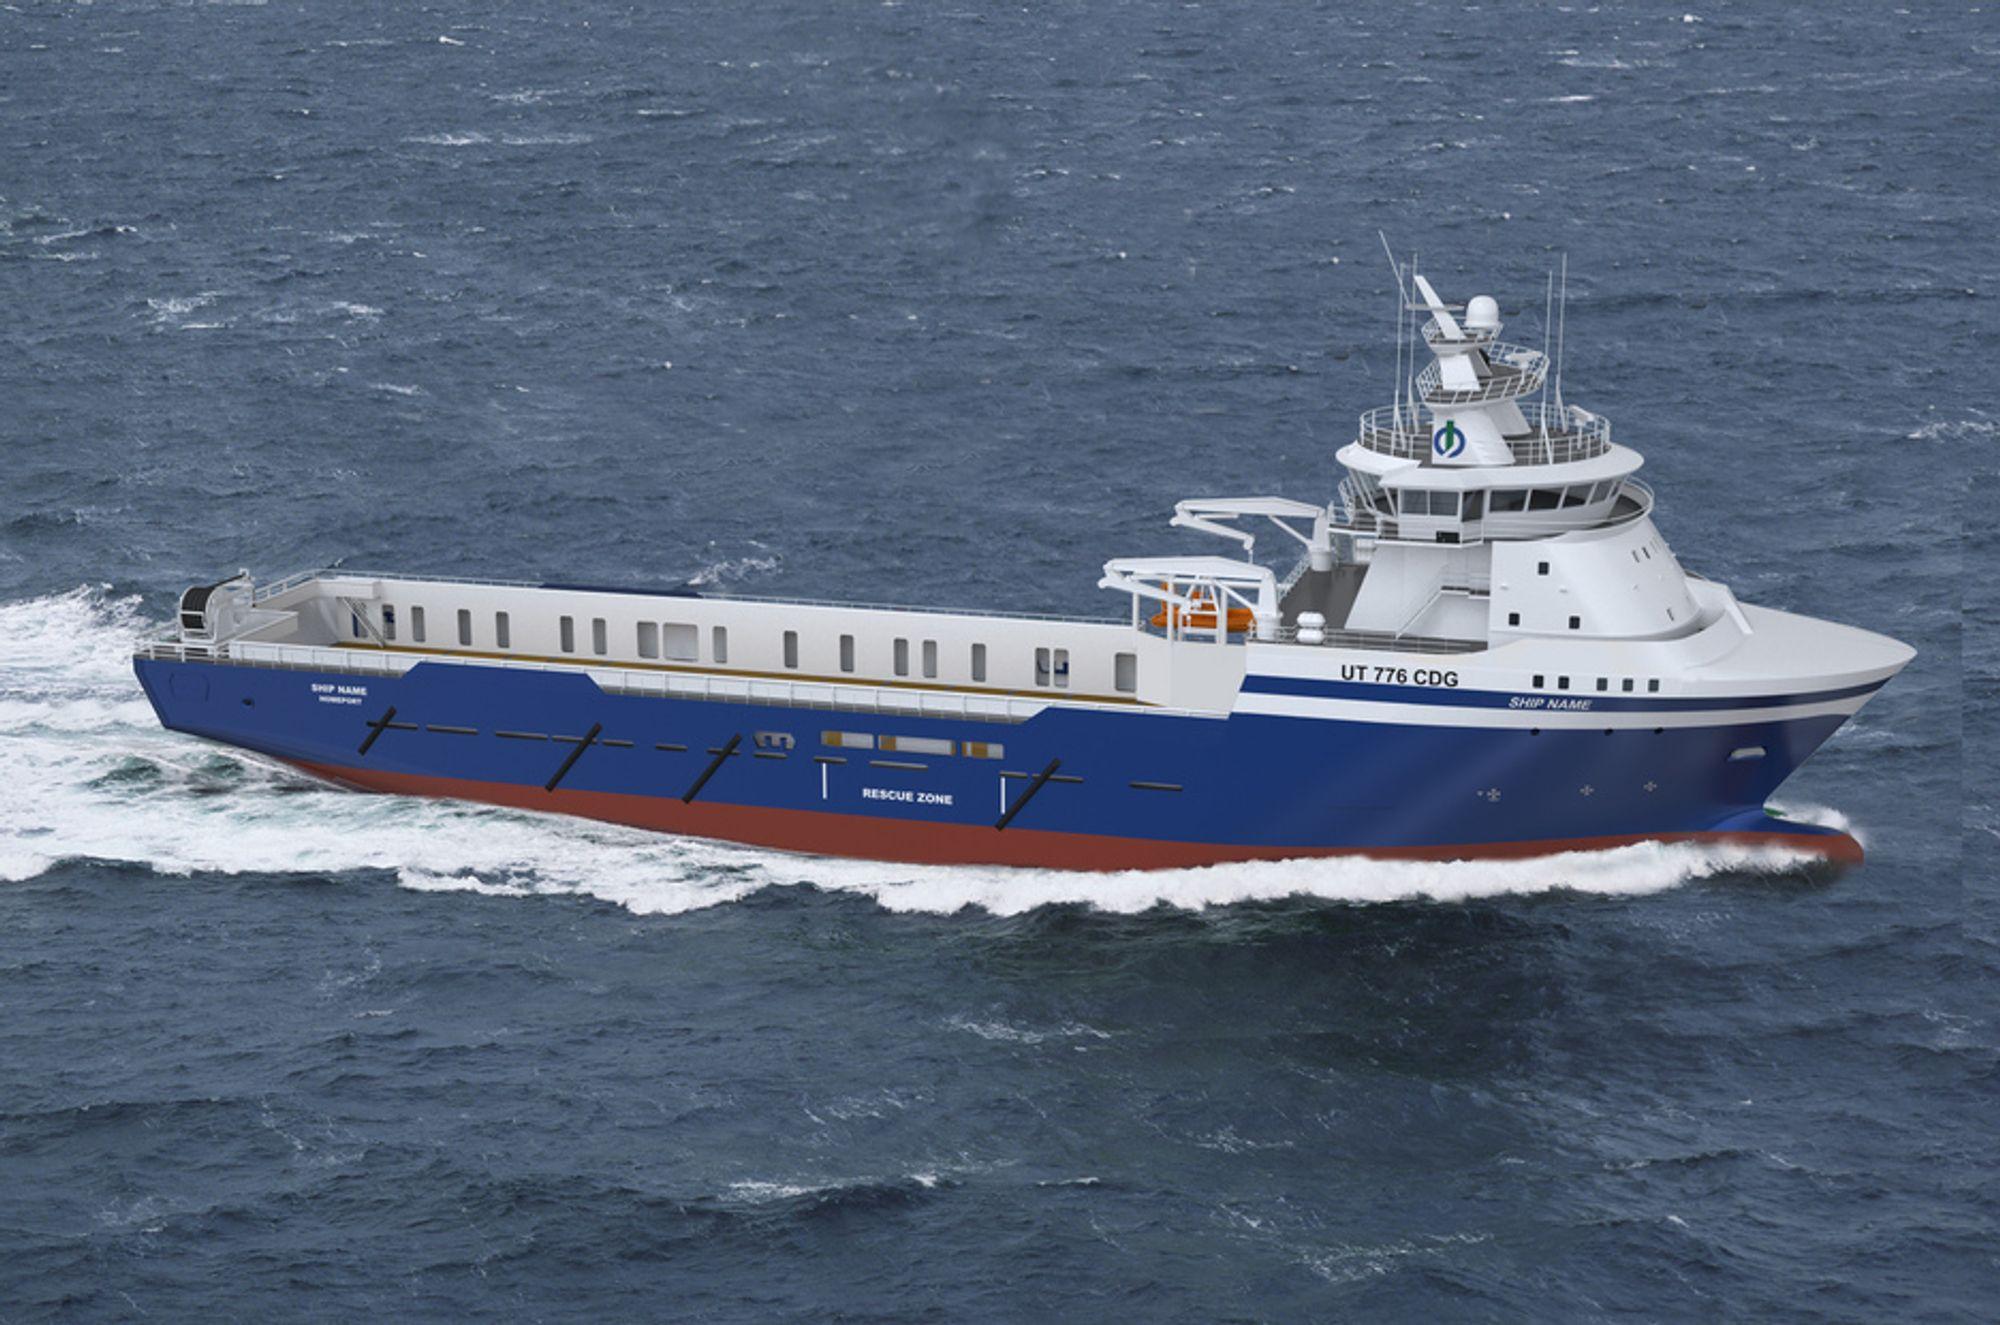 MILJØ: De to nye plattform forsyningsskipene til Island Offshore skal gå på LNG.